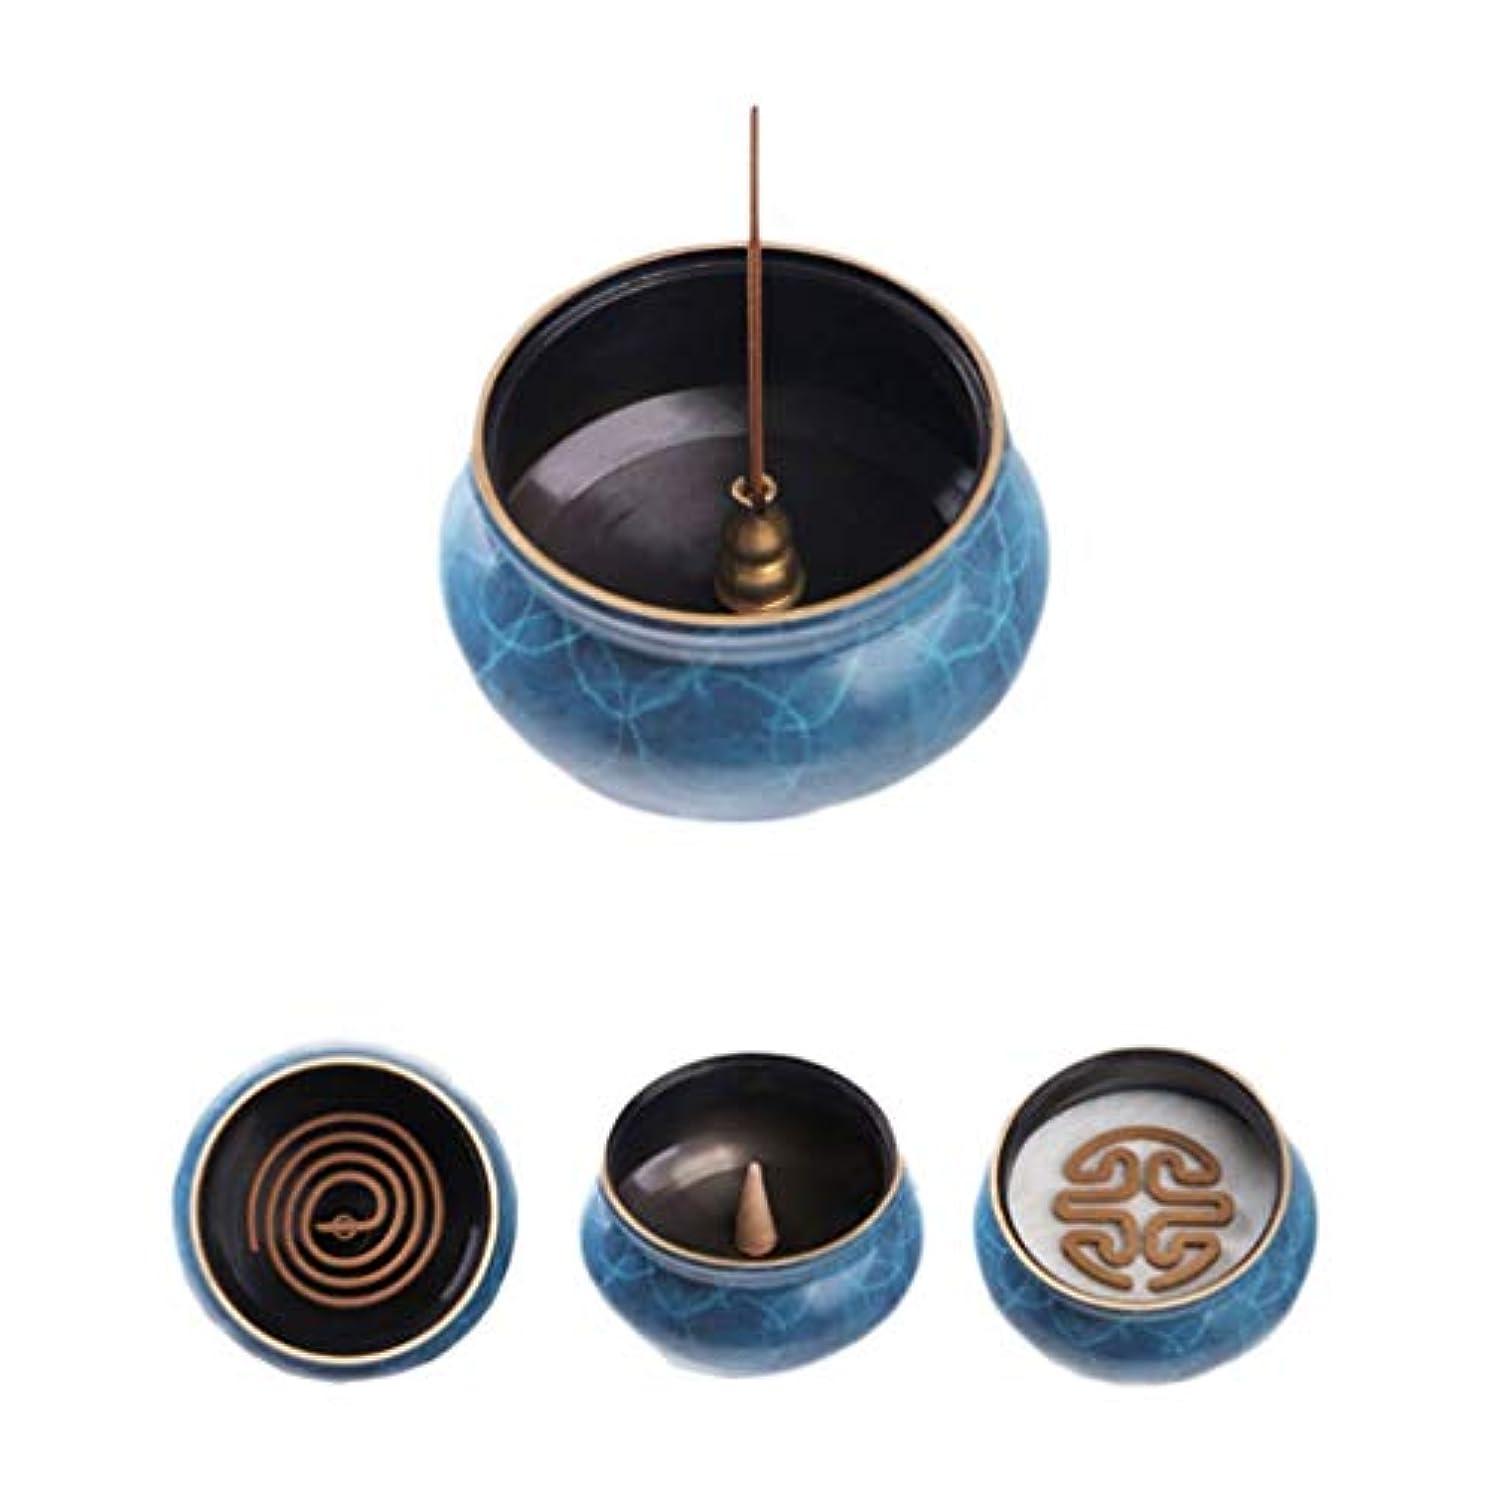 列車ぼかすコードホームアロマバーナー 純粋な銅香炉ホームアンティーク白檀用仏寒天香炉香り装飾アロマセラピー炉 アロマバーナー (Color : Blue copper)